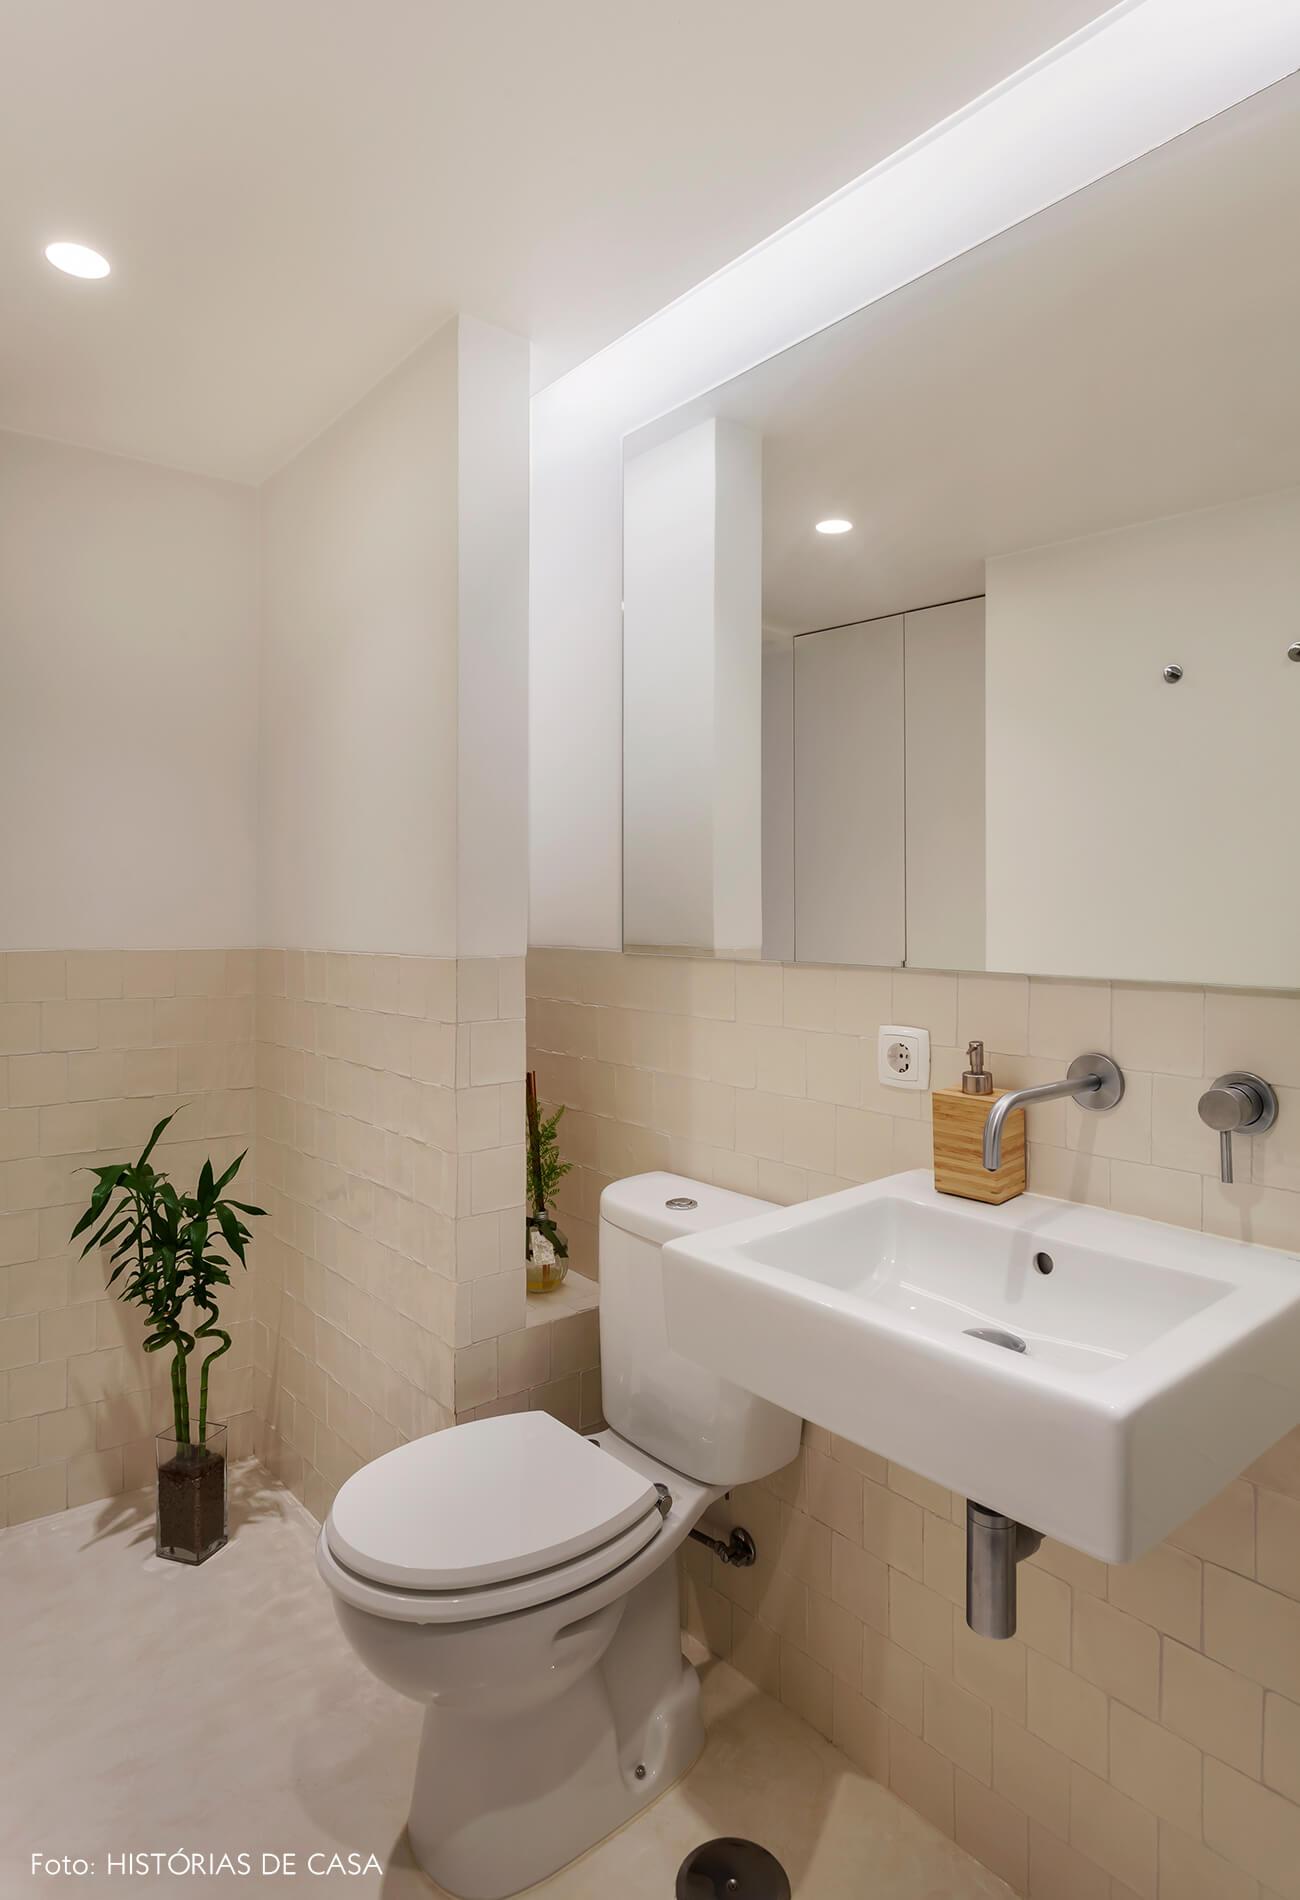 Banheiro com azulejos bege